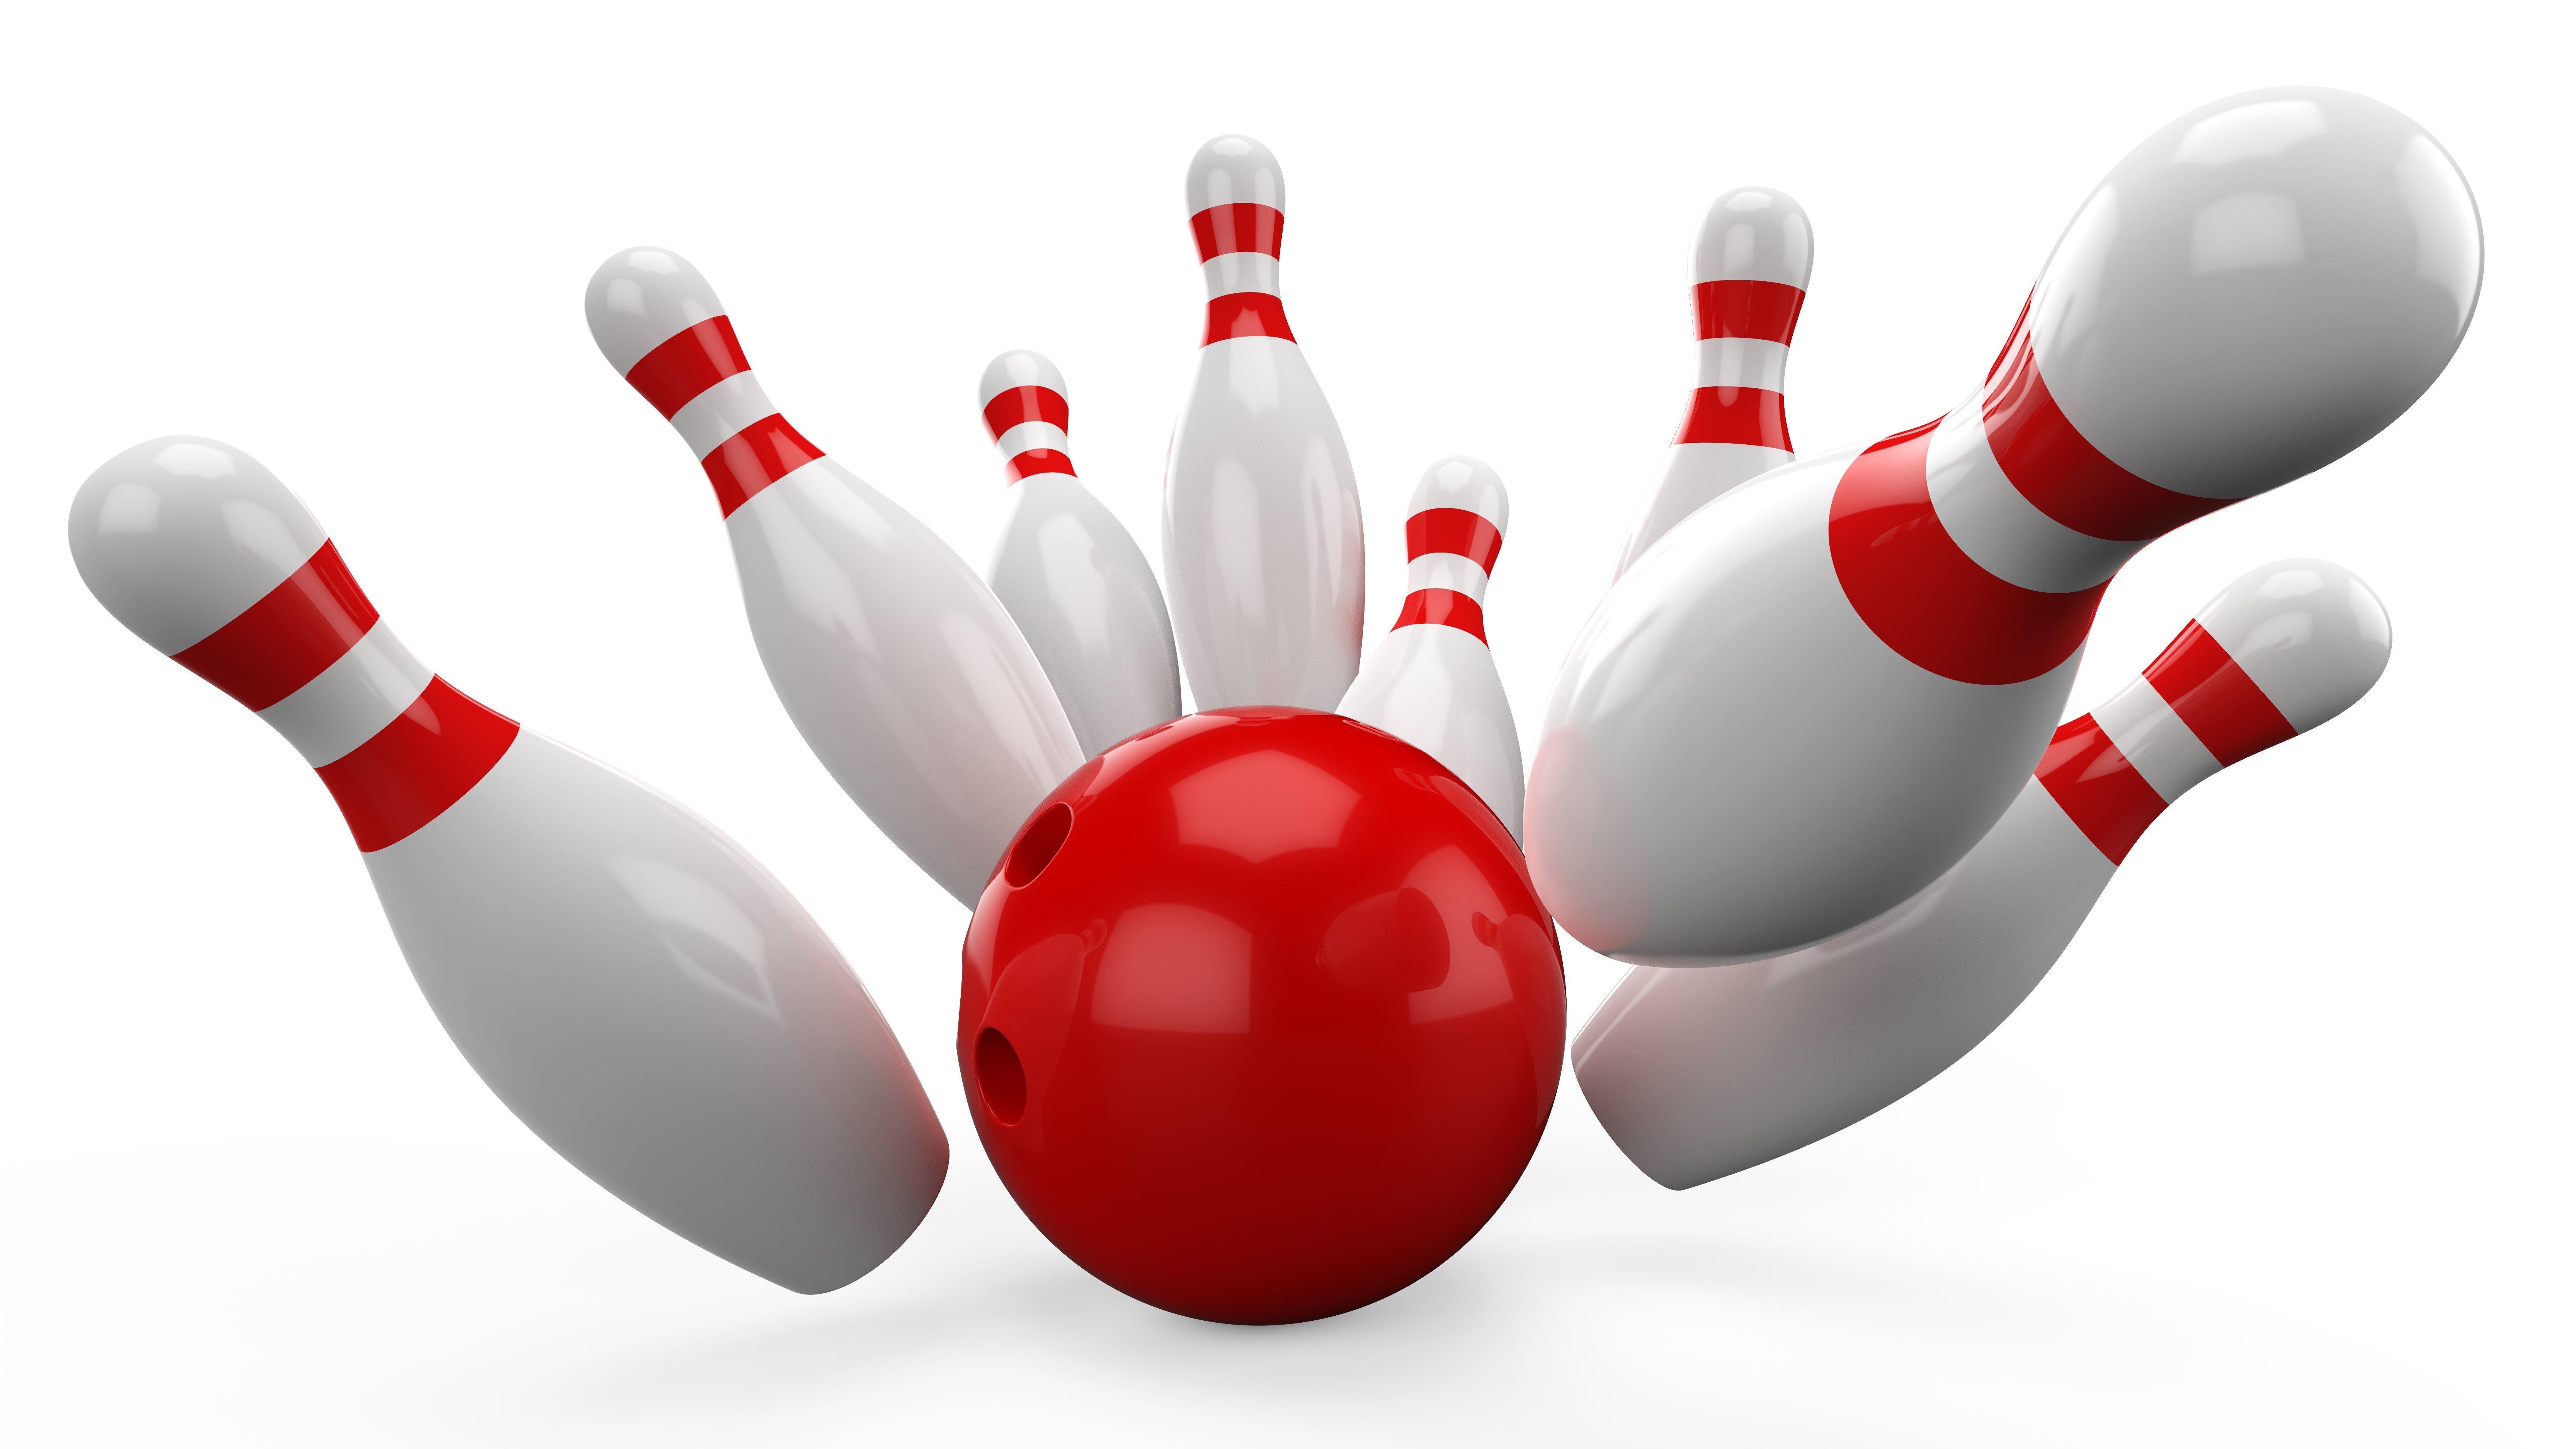 Ten pin bowling clipart.